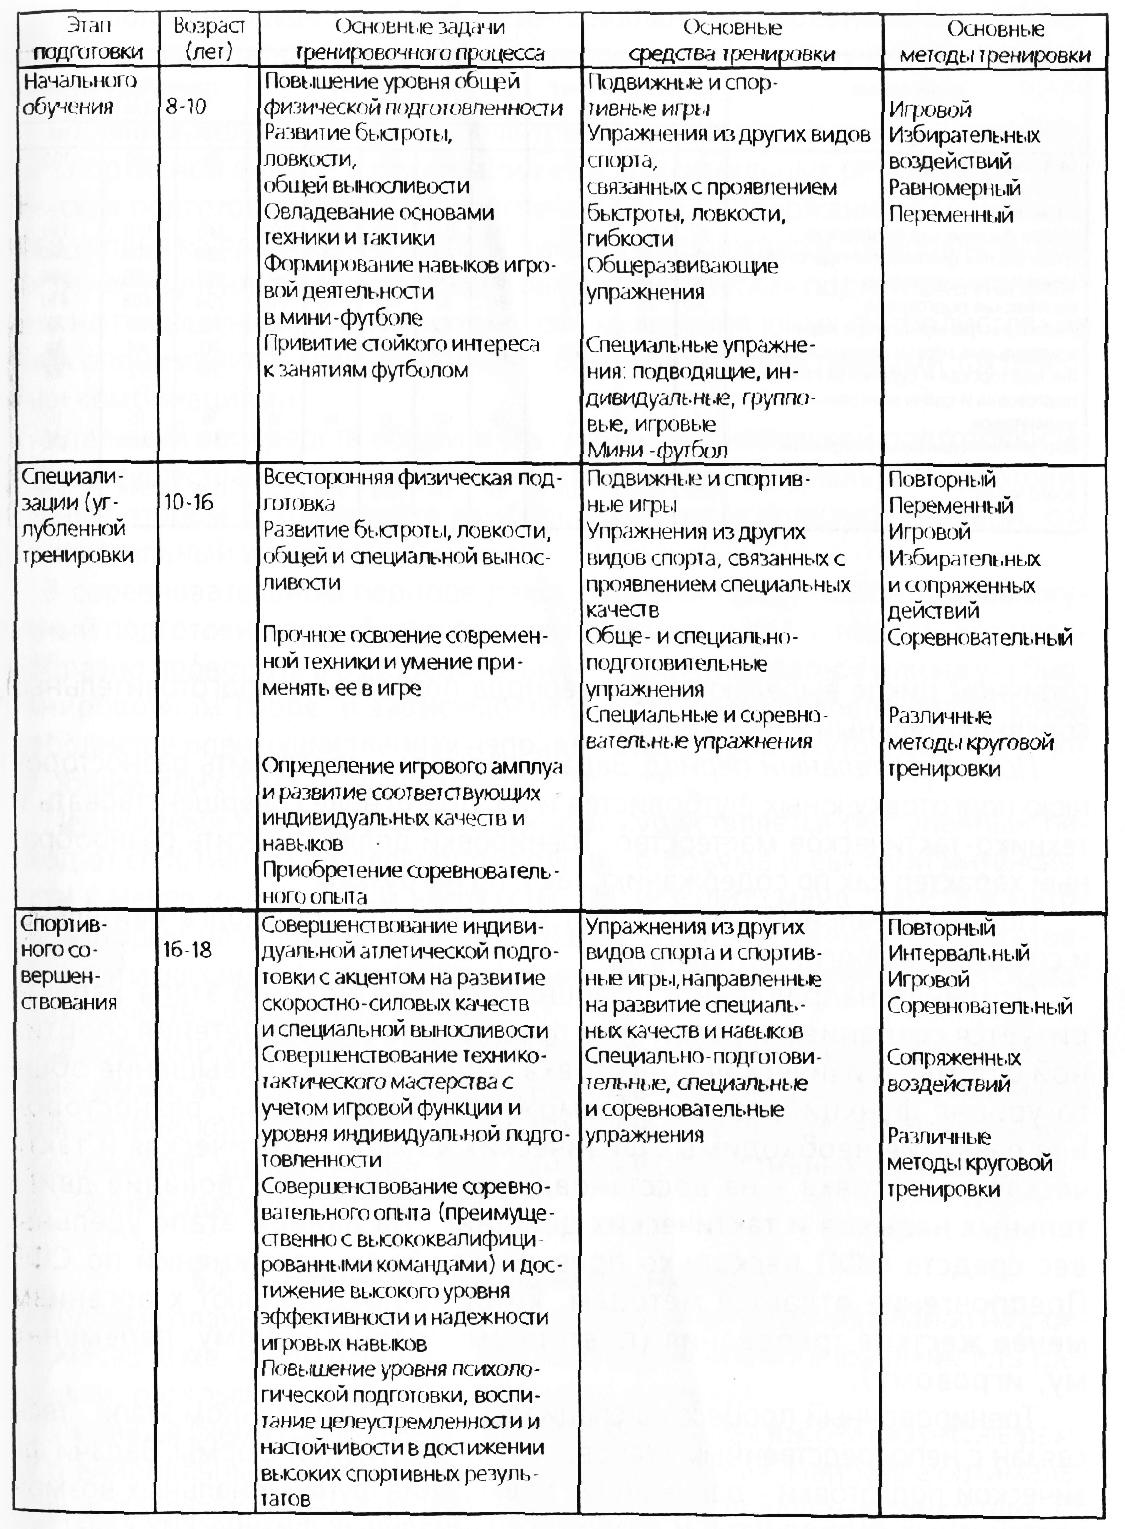 показателей отчетного периода показателей